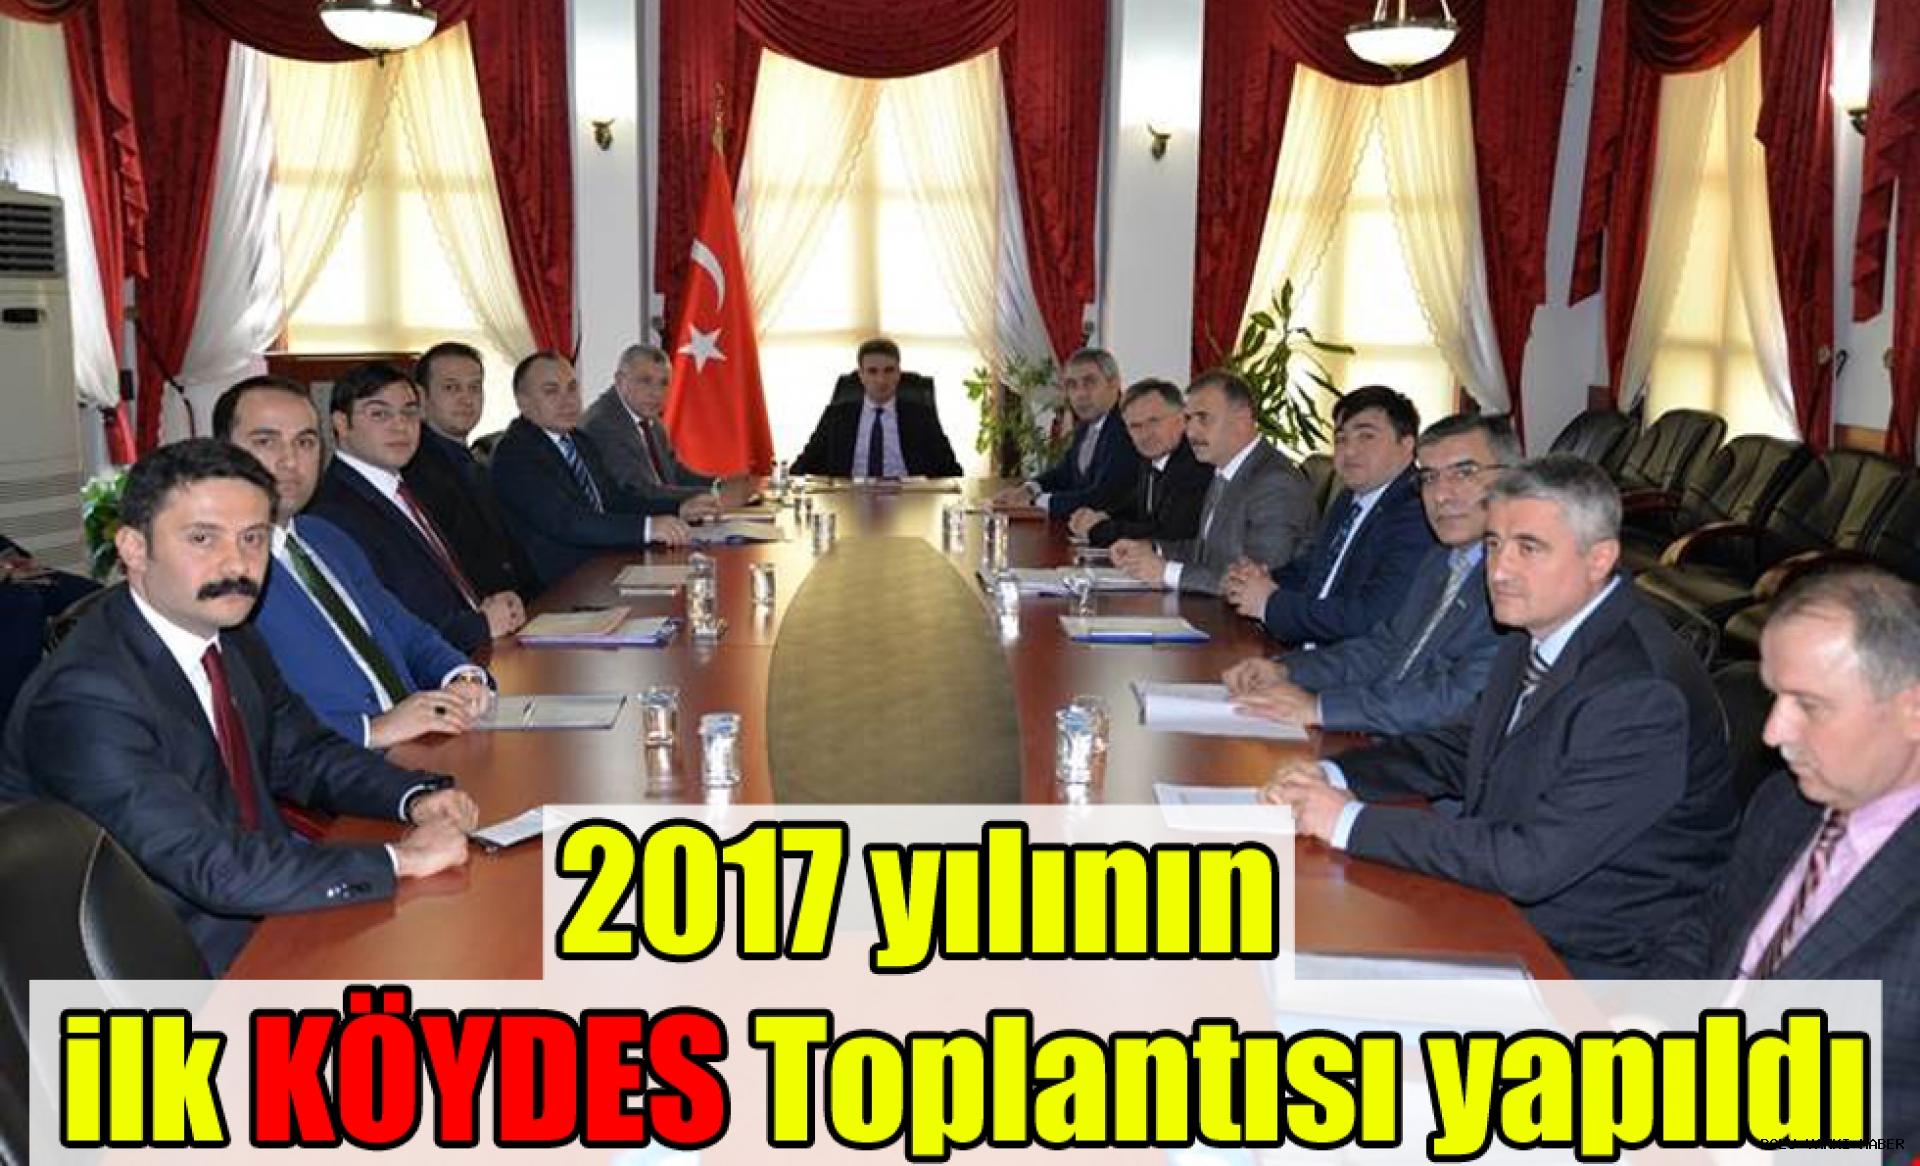 2017 yılının ilk KÖYDES Toplantısı yapıldı.